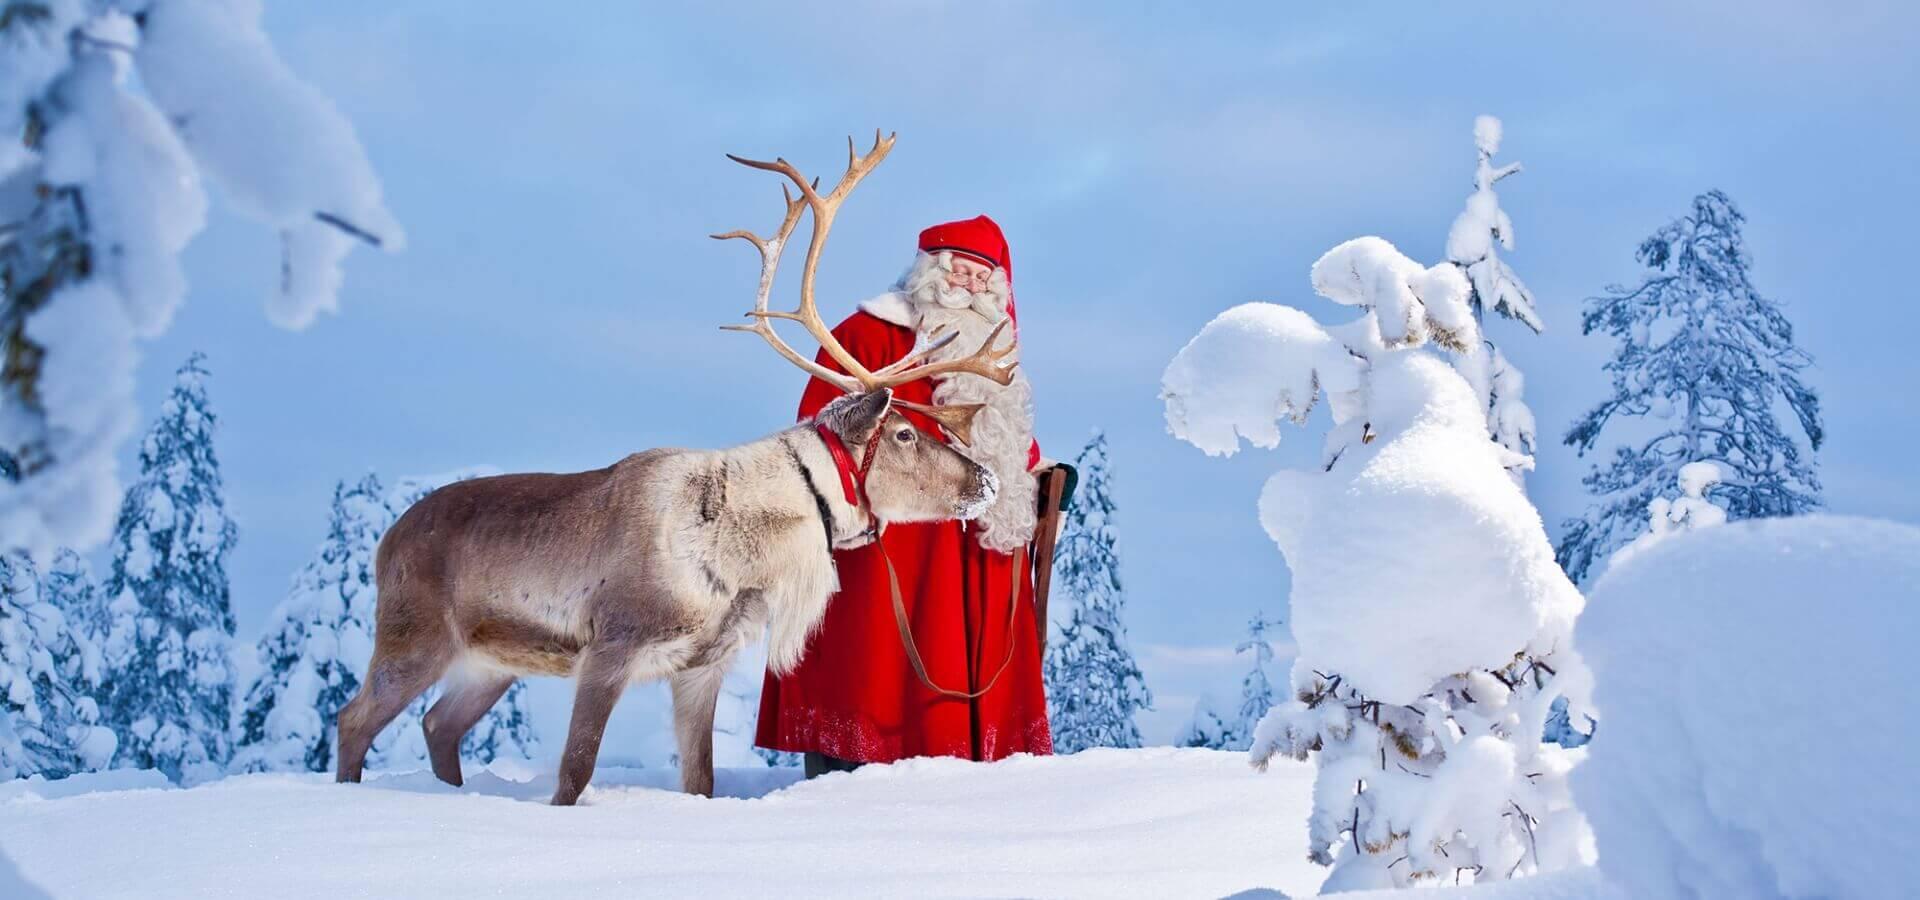 Finlandia - Rovaniemi la Aldea de Papá Noel Santa Claus en Laponia